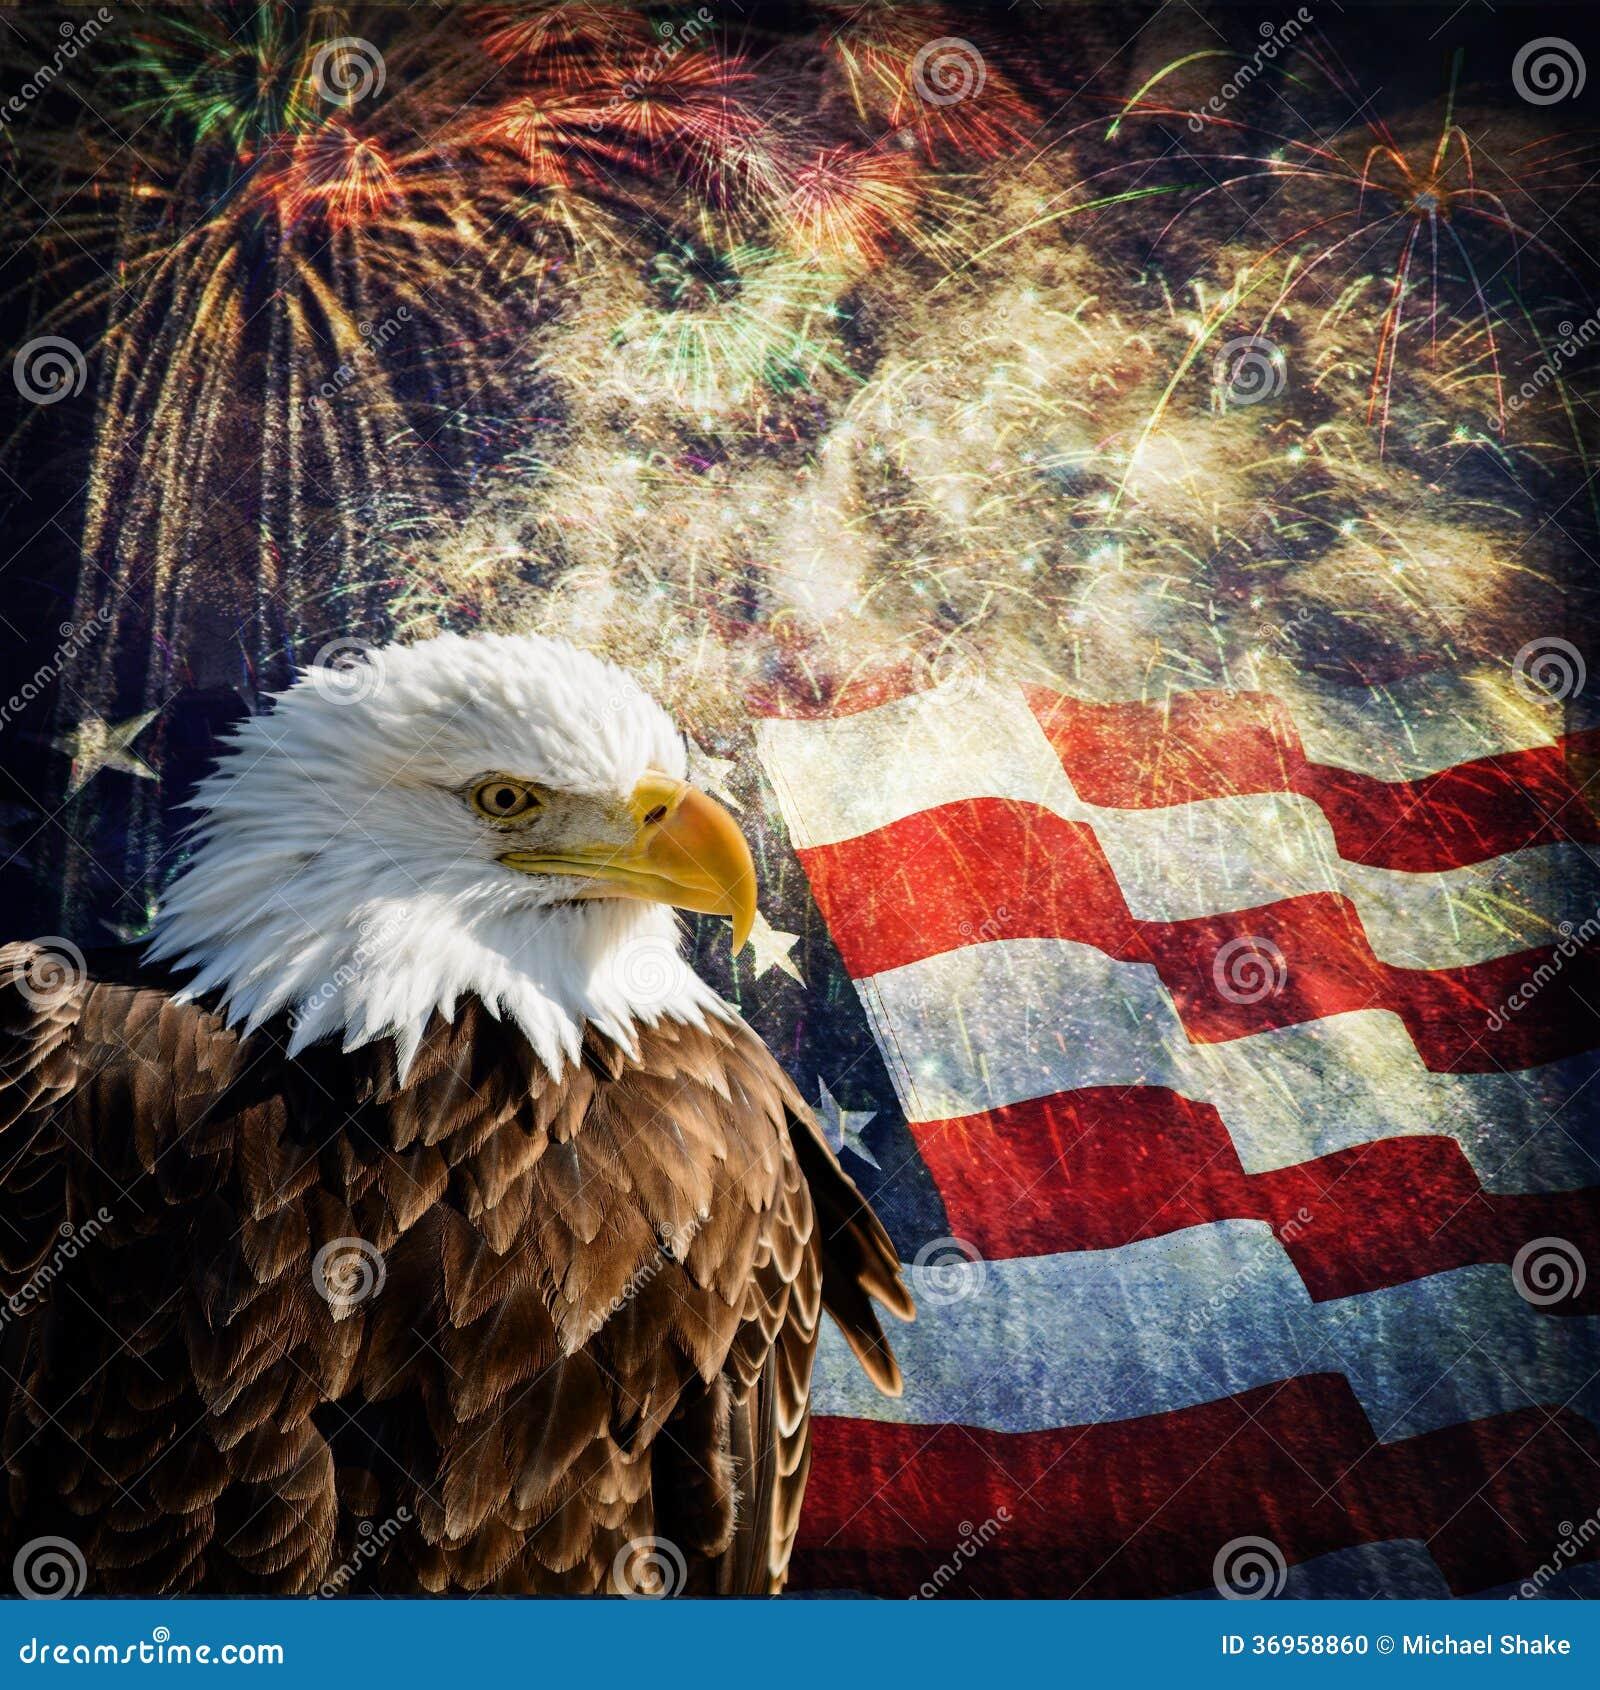 Bald Eagle & Fireworks